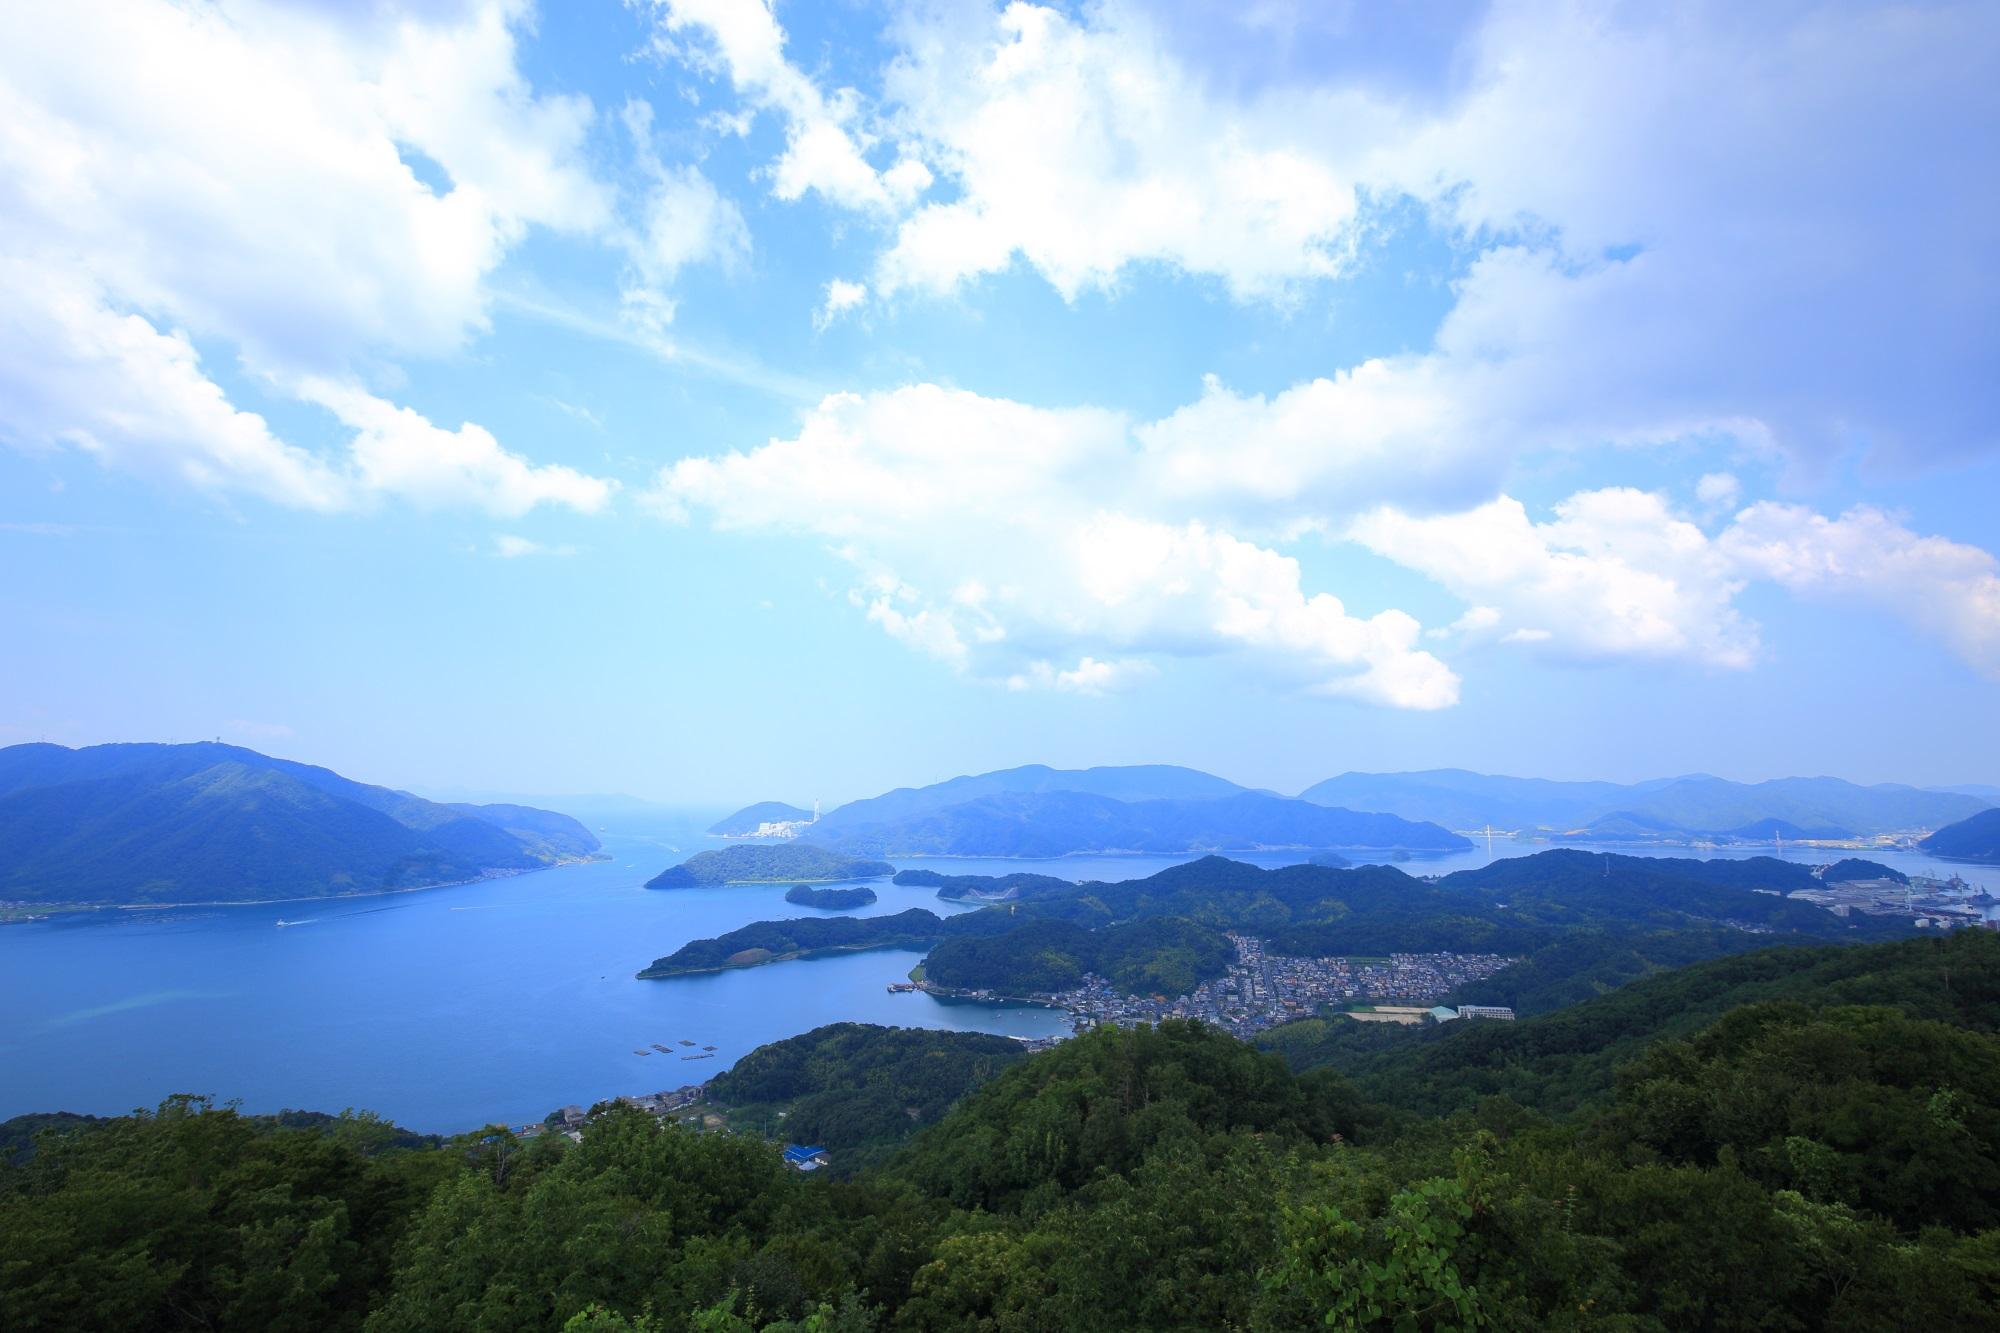 五老スカイタワーから眺めた舞鶴湾や山々